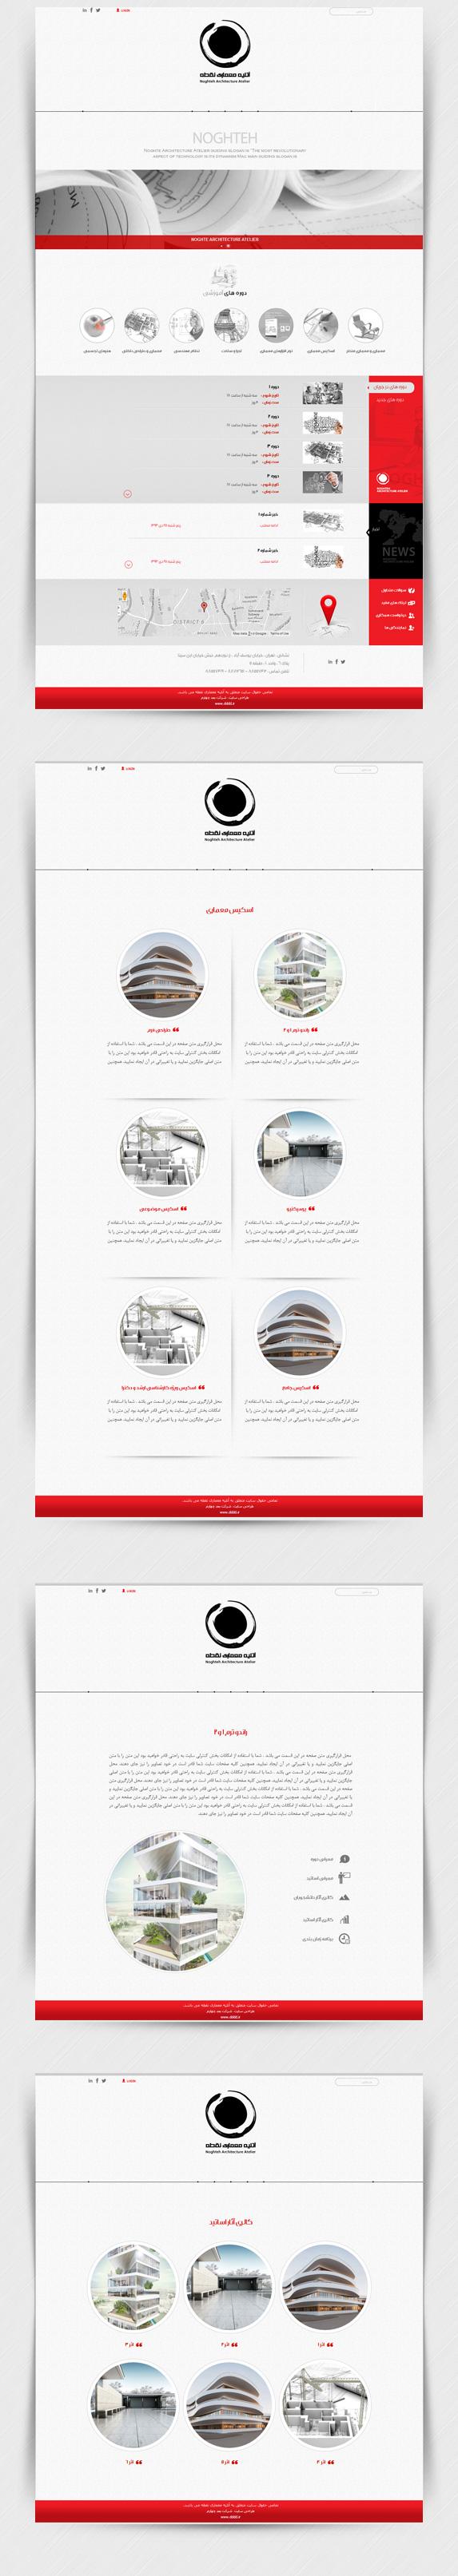 طراحی سایت آکادمی معماری نقطه